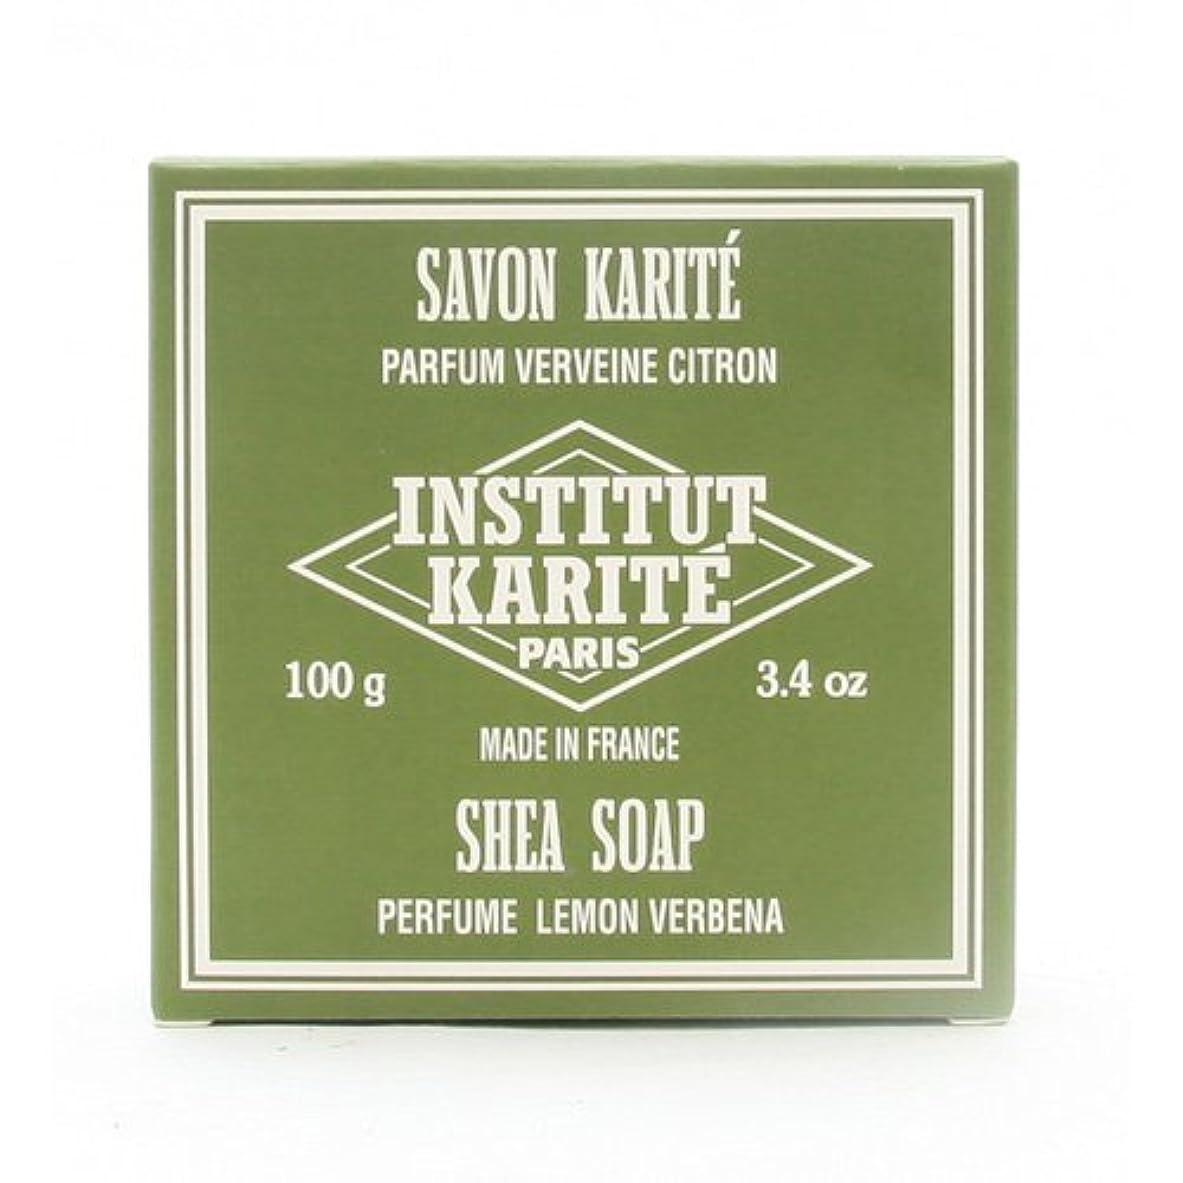 代替毎日増幅器INSTITUT KARITE インスティテュート カリテ 25% Extra Gentle Soap ジェントルソープ 100g Lemon Vervenaレモンバーベナ